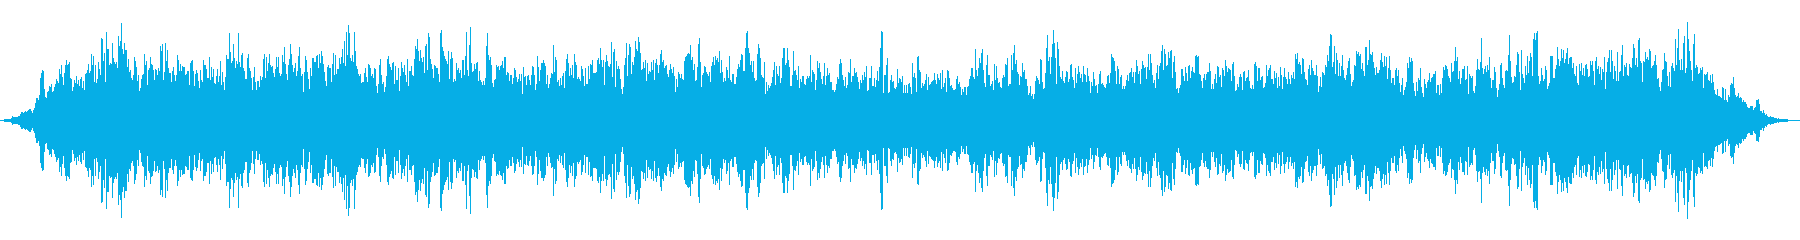 ローハーシュハウリングエイリアンウ...の再生済みの波形